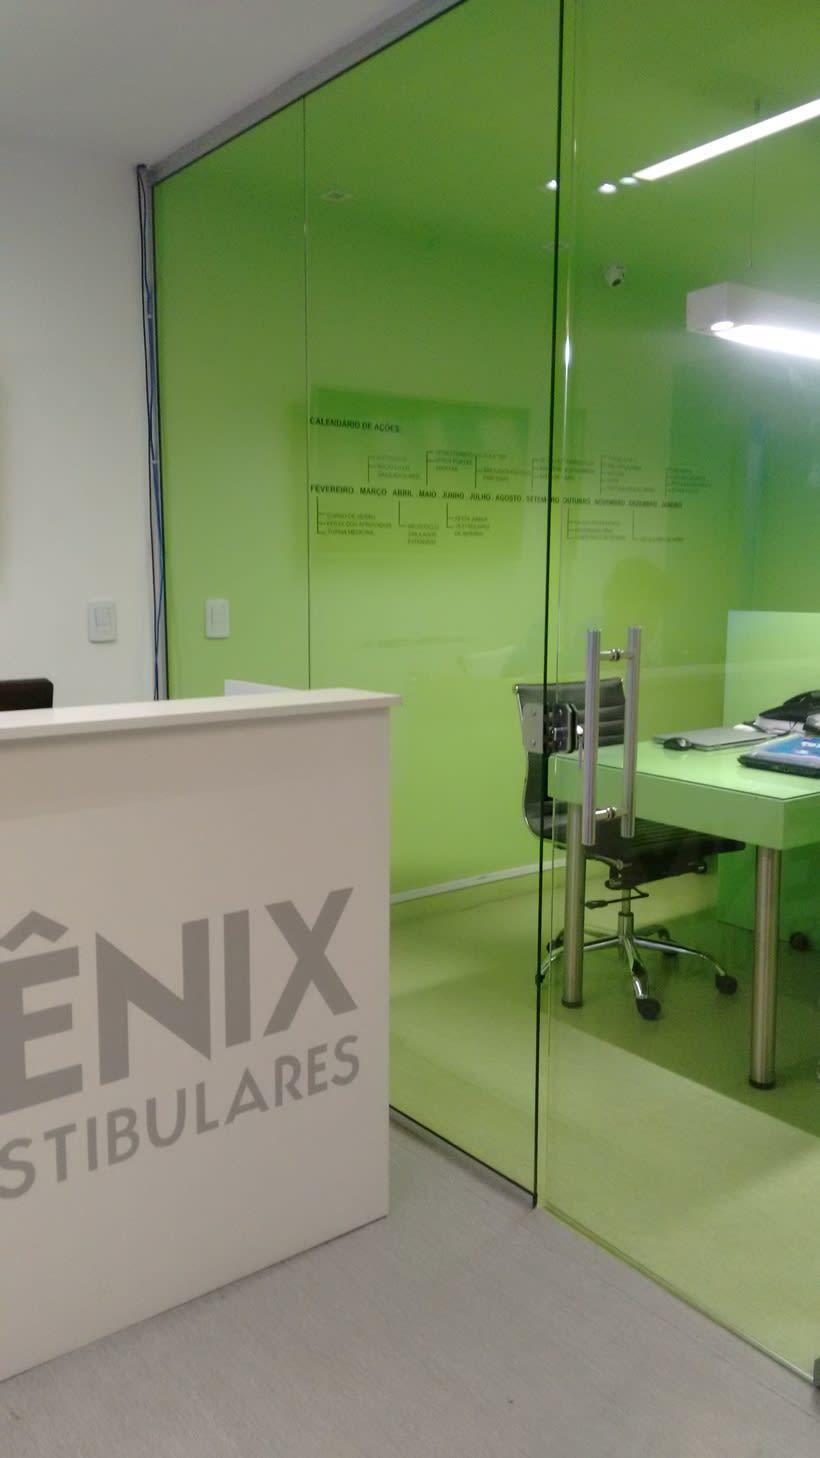 FNX / Reforma Fênix 2